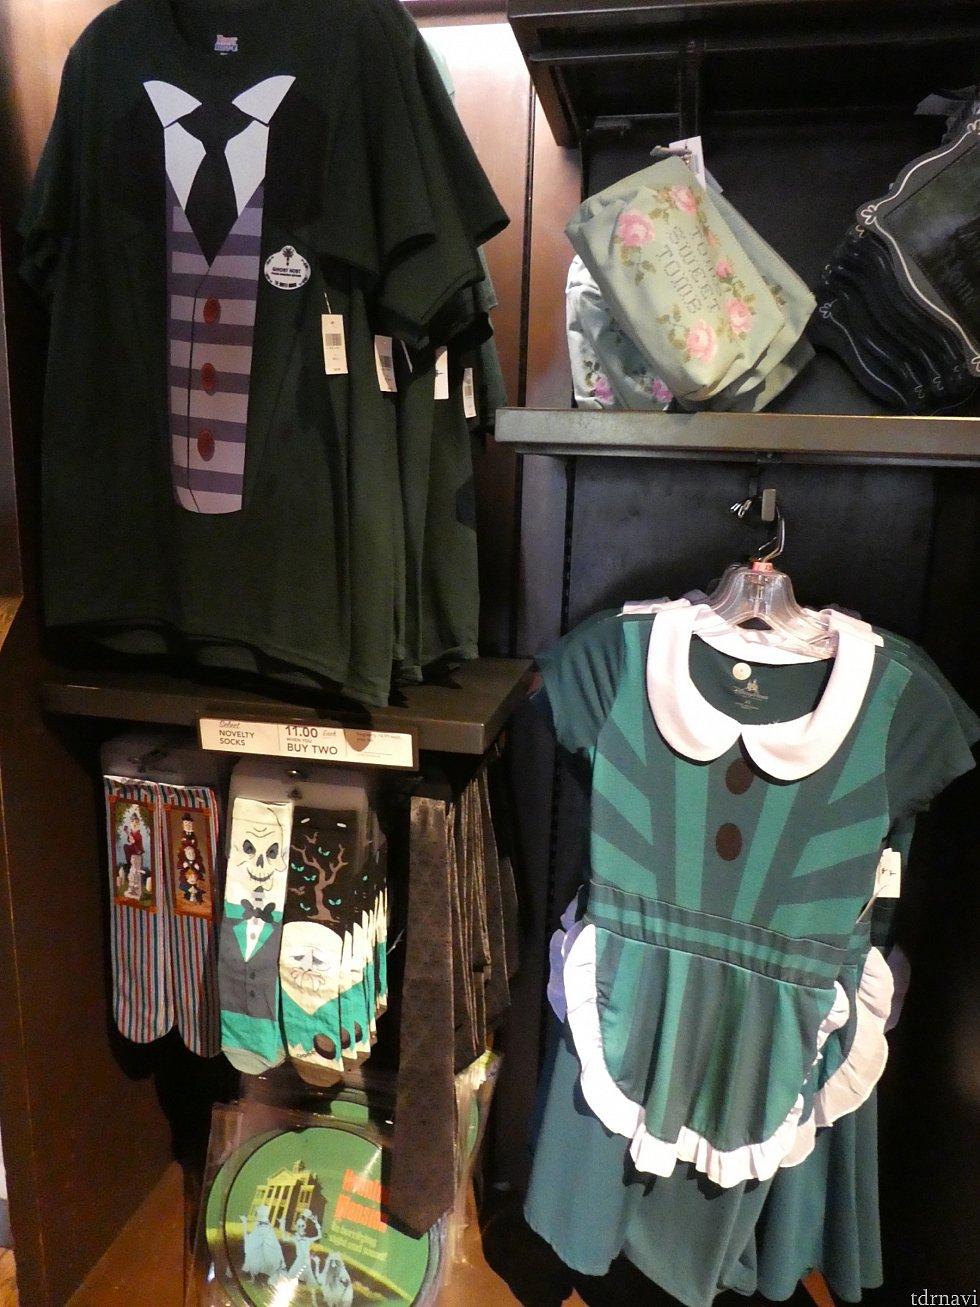 ・キャストコスチュームデザインのTシャツとワンピース ・左下:壁紙柄ネクタイ